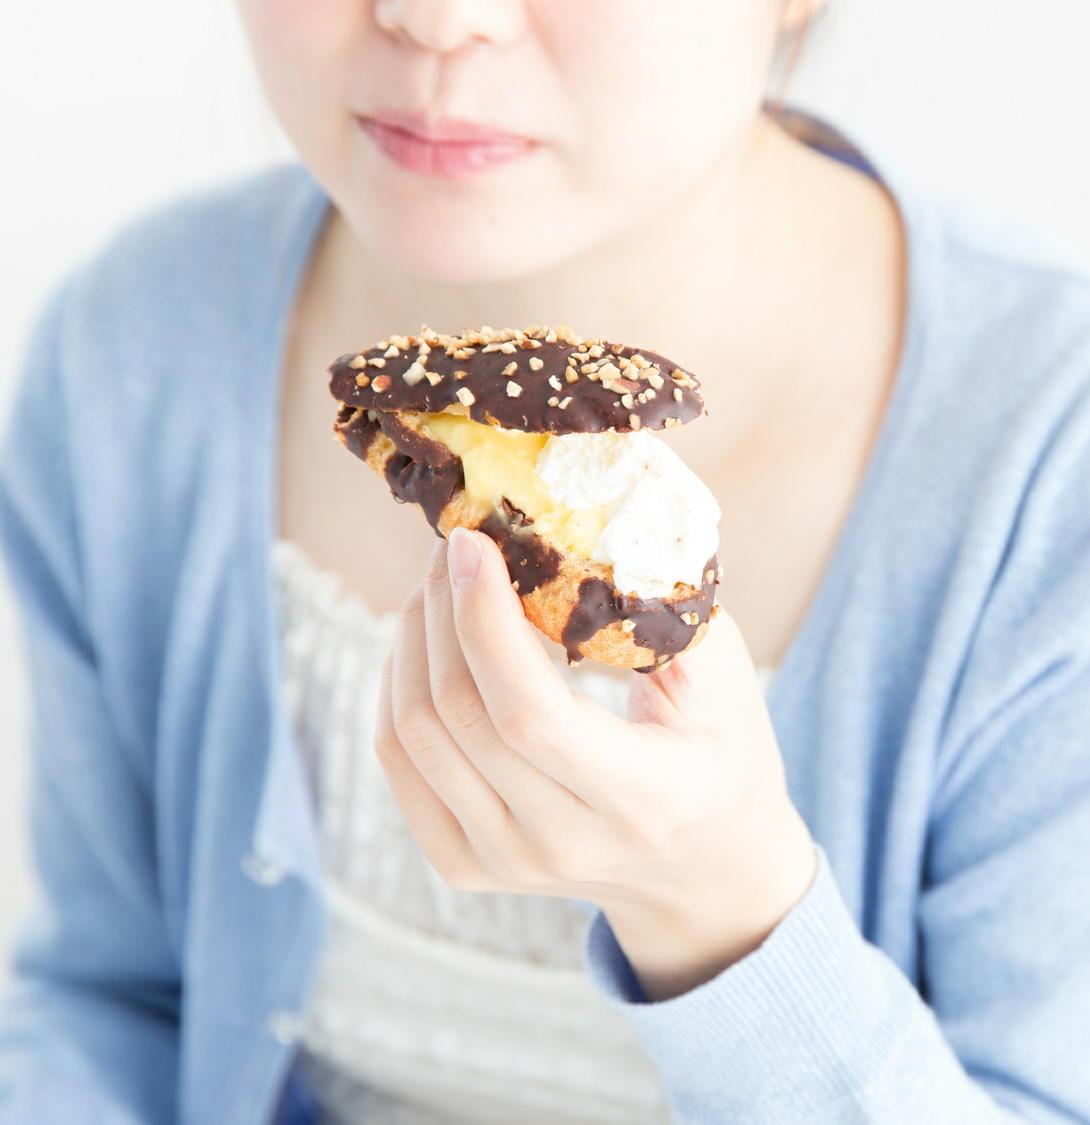 甘いものを食べるなら日中の活動時間を選ぶとメタボになりにくい